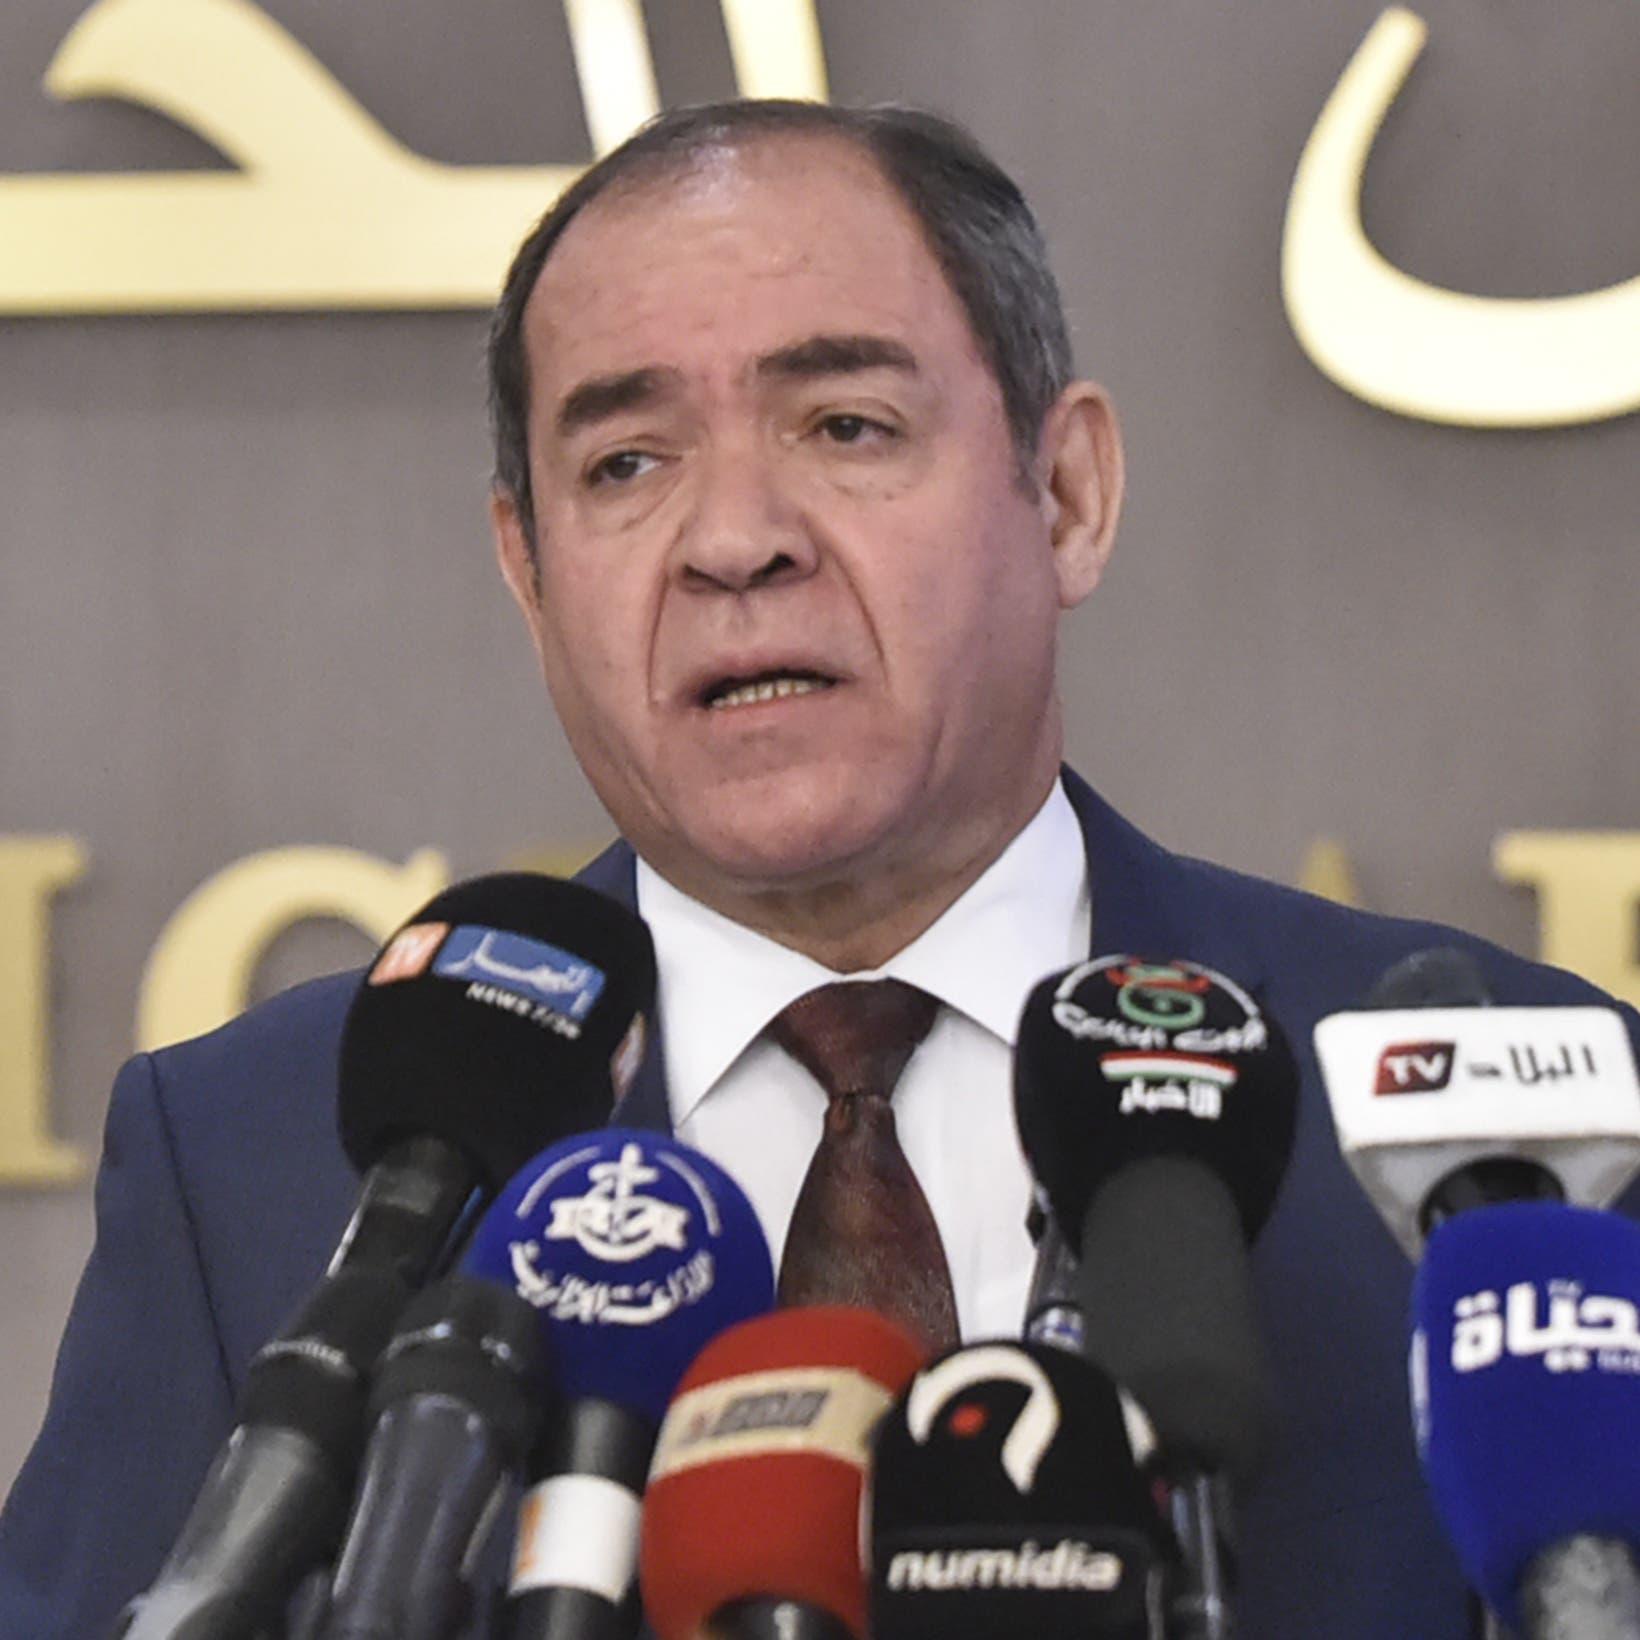 الجزائر تسعى لعودة الفرقاء الليبيين إلى طاولة الحوار